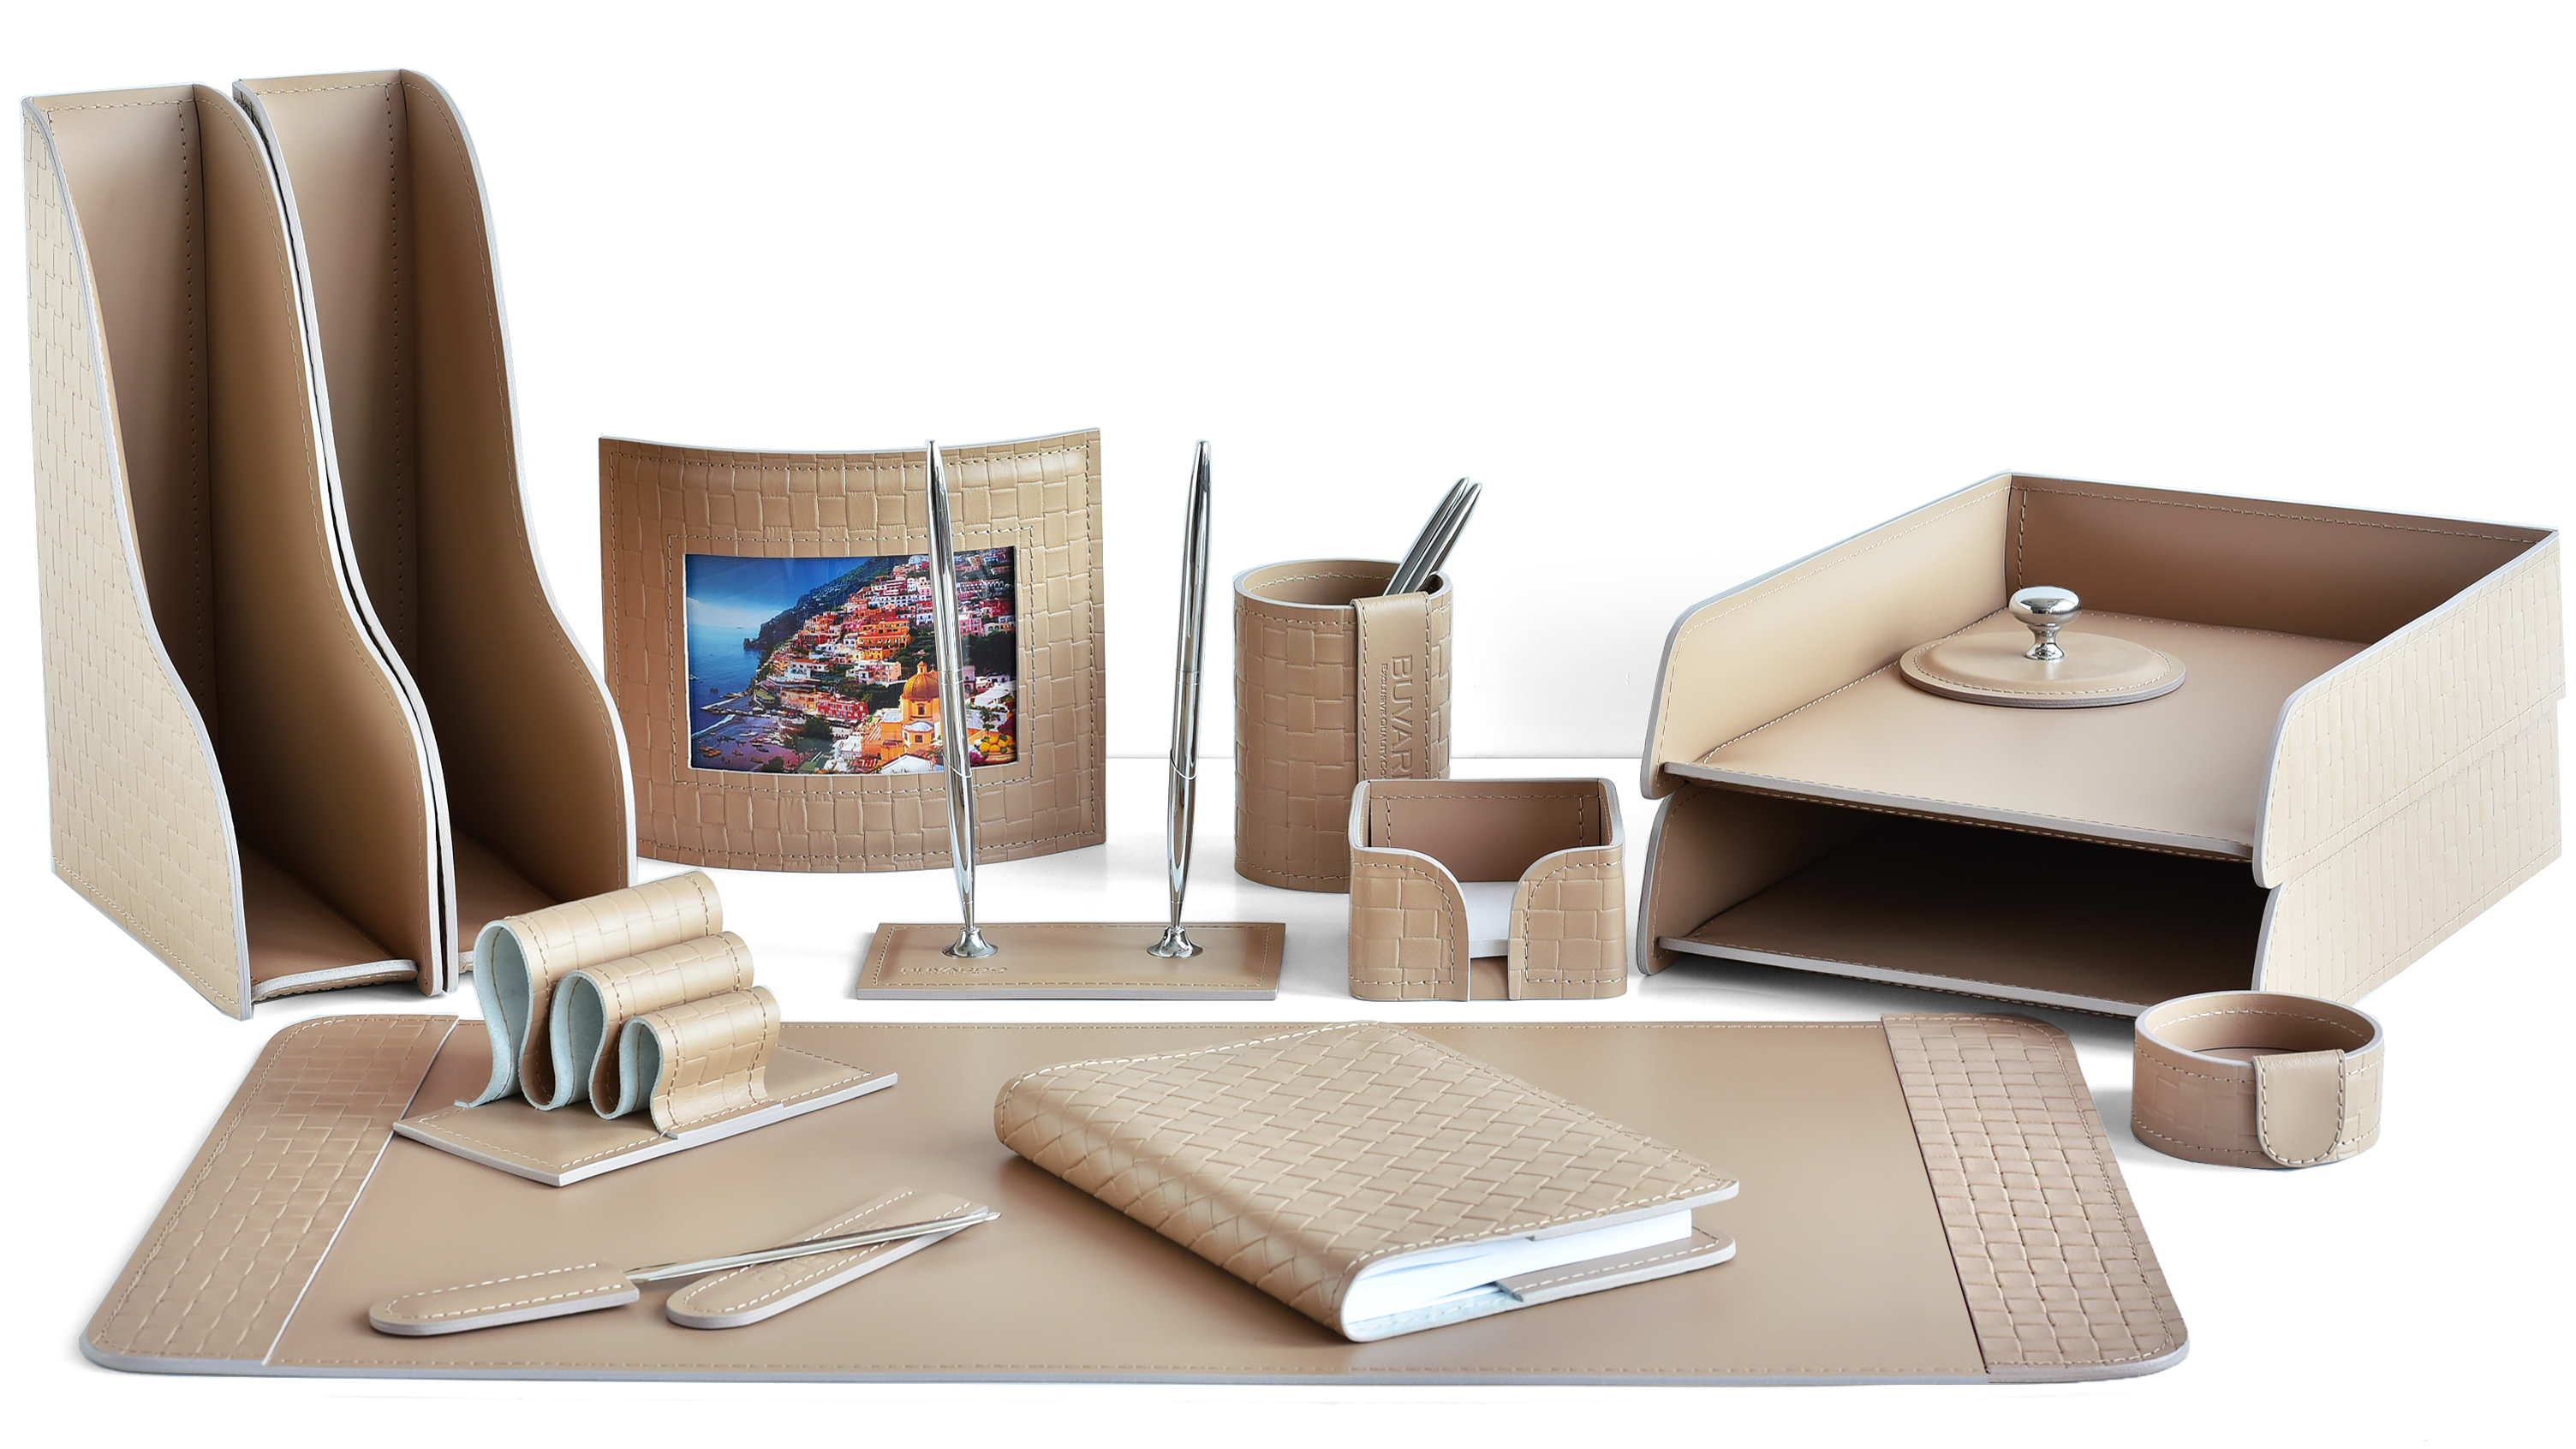 Раздел каталога наборы на стол руководителя из кожи с тиснением под рогожку цвет какао.